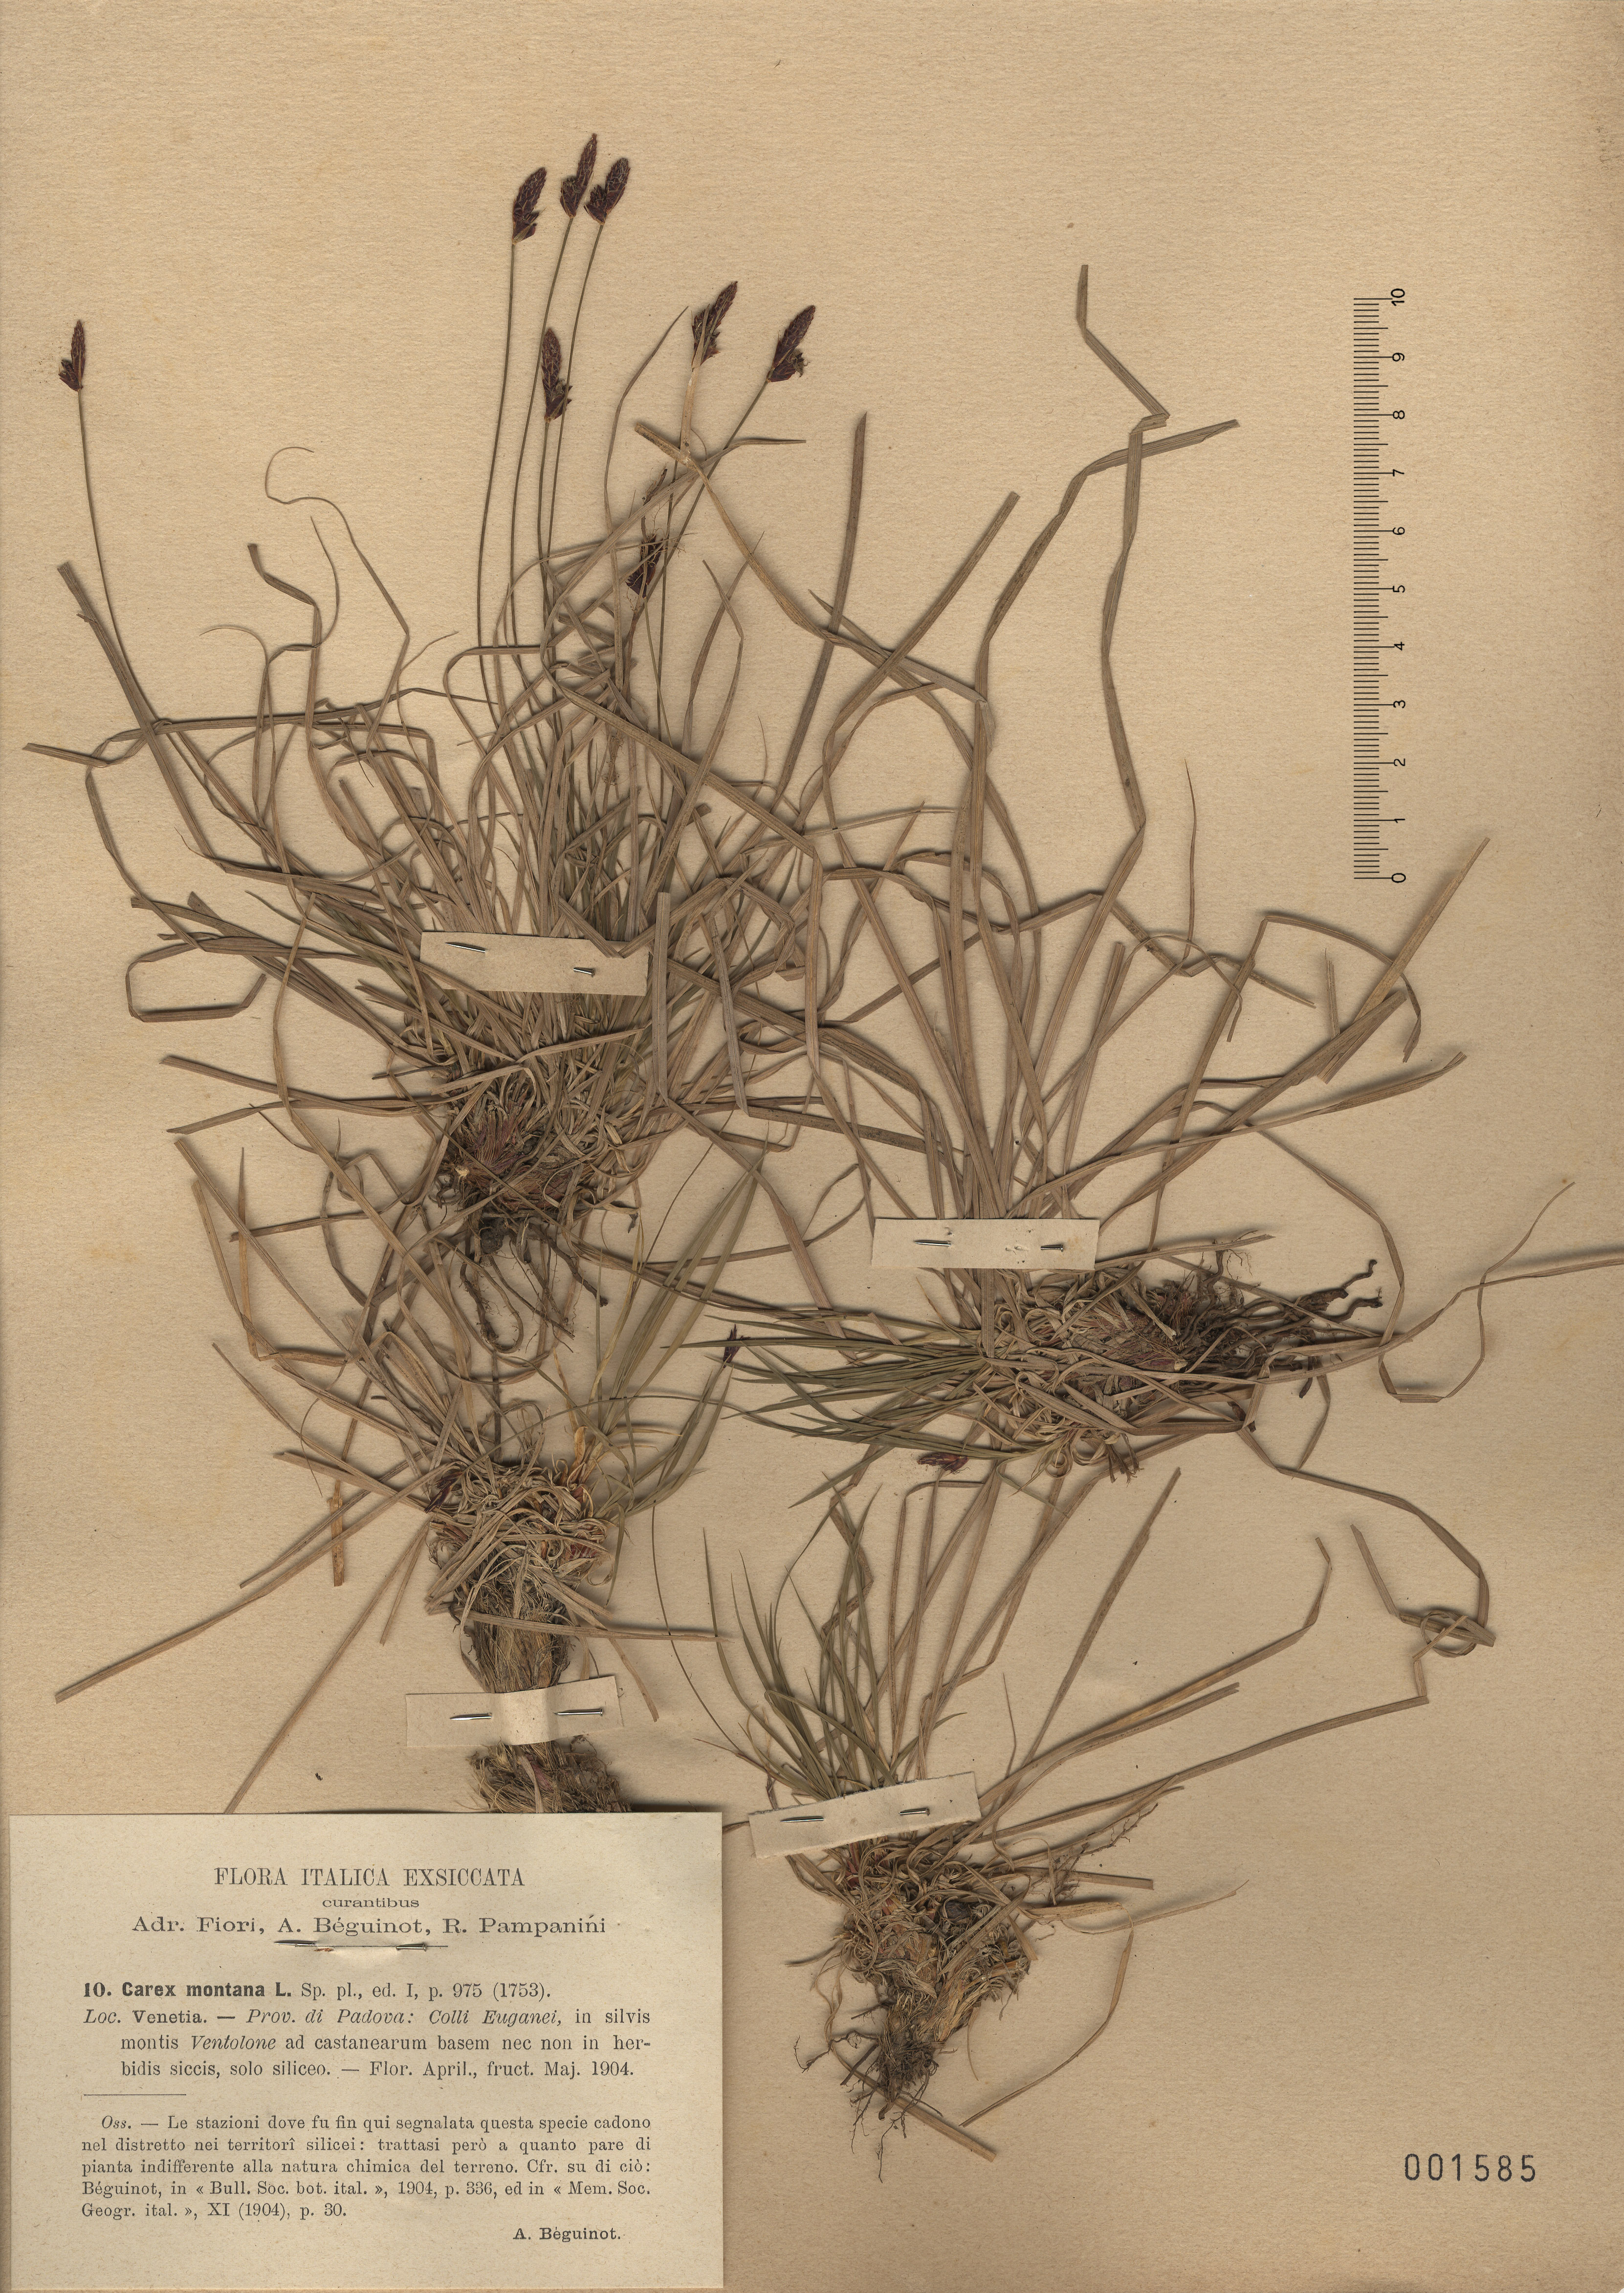 © Hortus Botanicus Catinensis - Herb. sheet 001585<br>